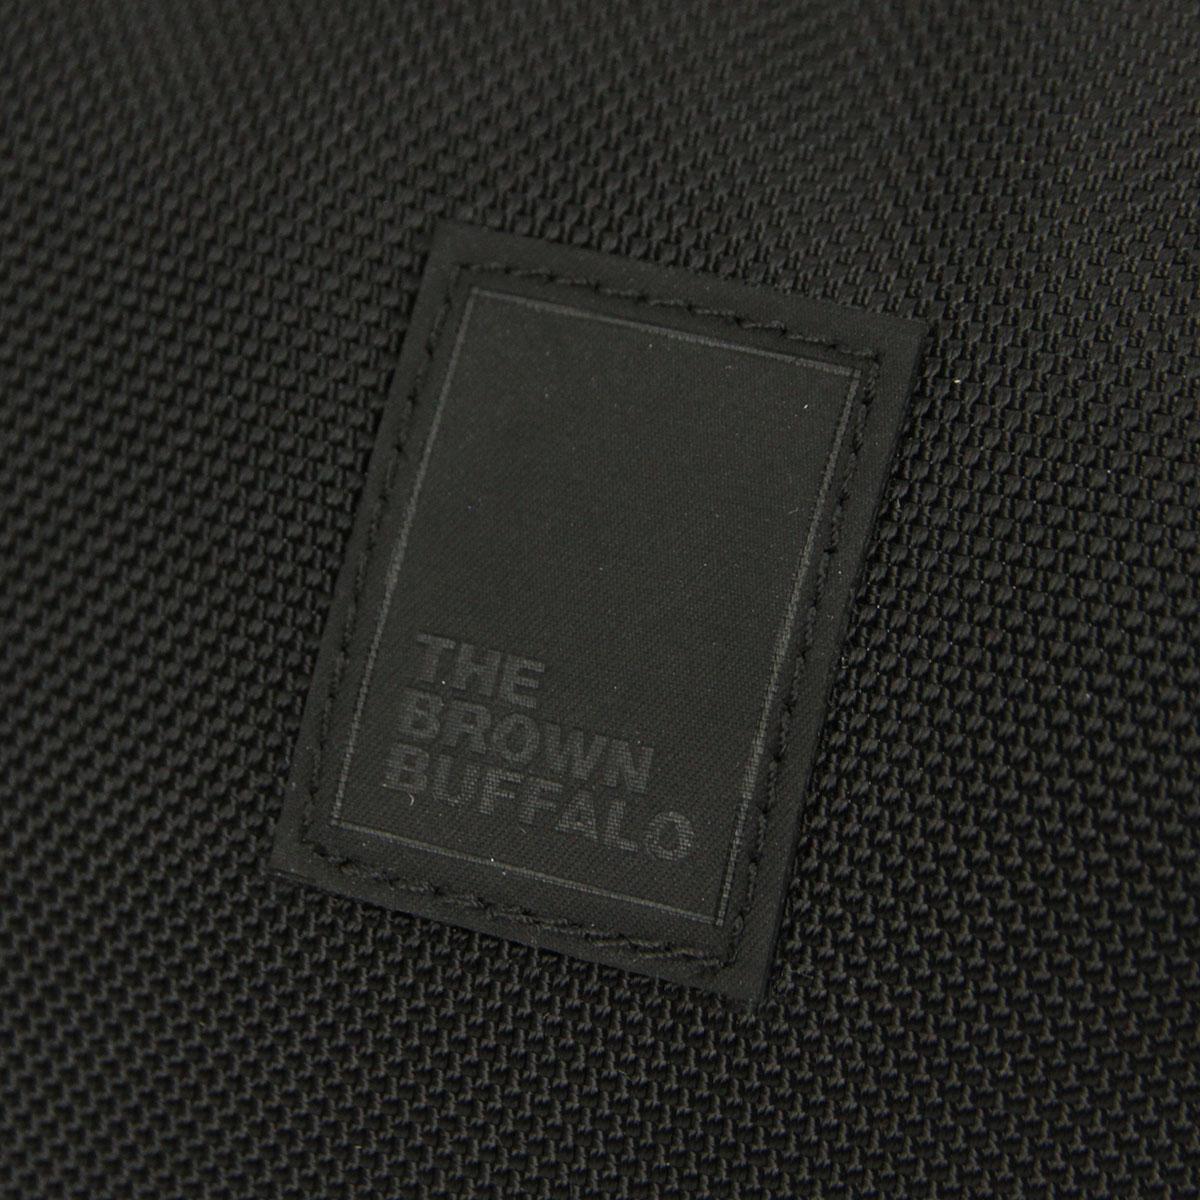 ザ ブラウン バッファロー バッグ メンズ レディース 正規販売店 THE BROWN BUFFALO ショルダーバッグ SUPPLYSLING BALLISTIC BLACK S19SS1680BLACK AA7B B3C C8D D4E E13F